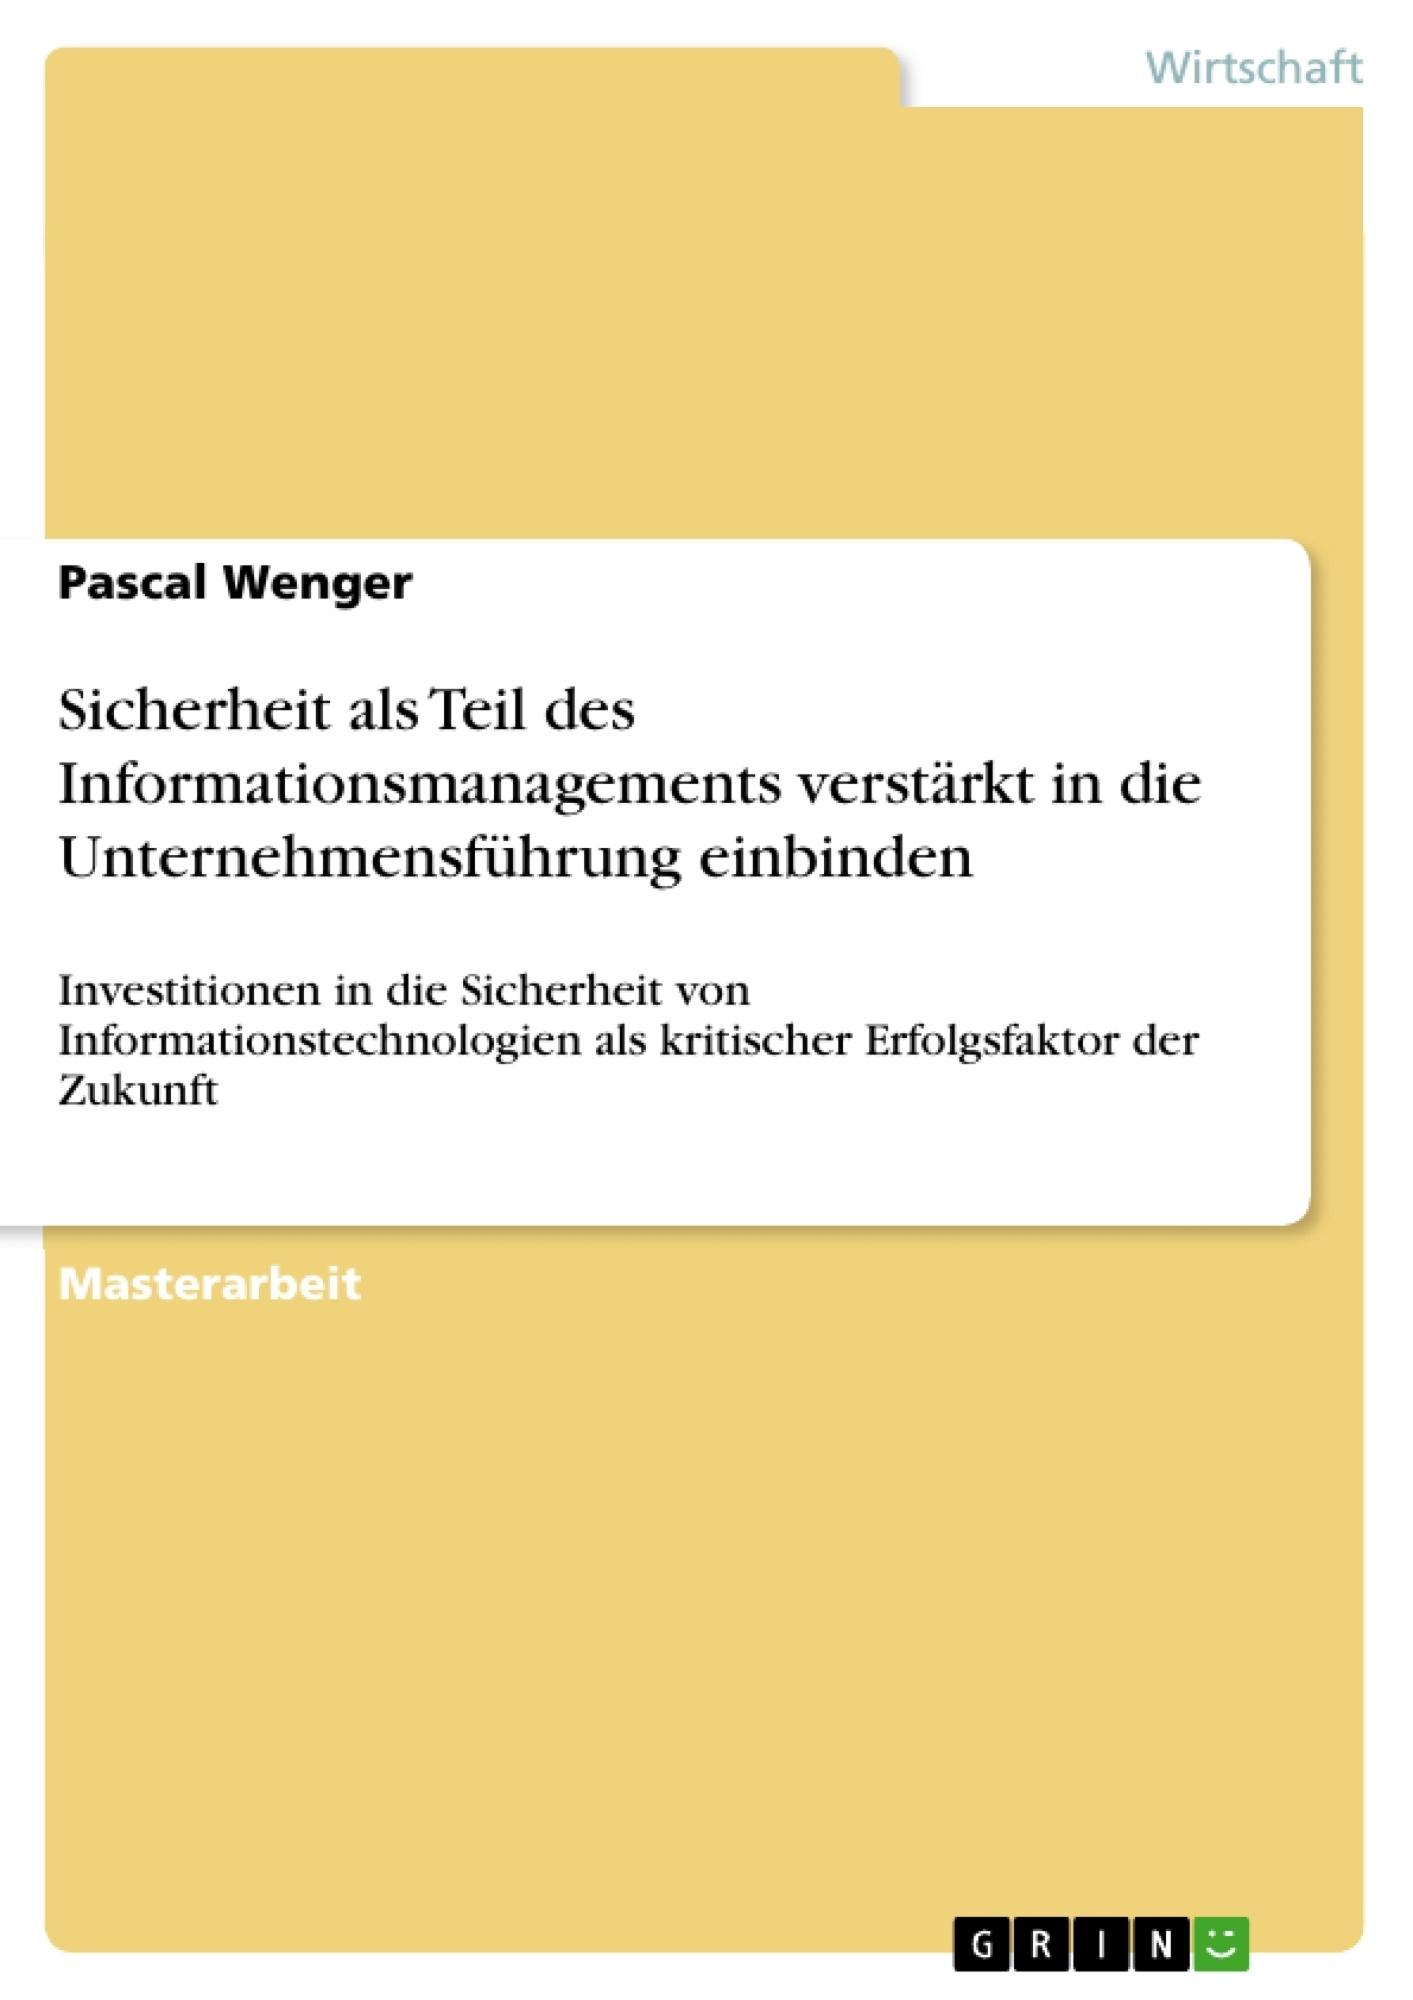 Titel: Sicherheit als Teil des Informationsmanagements verstärkt in die Unternehmensführung einbinden